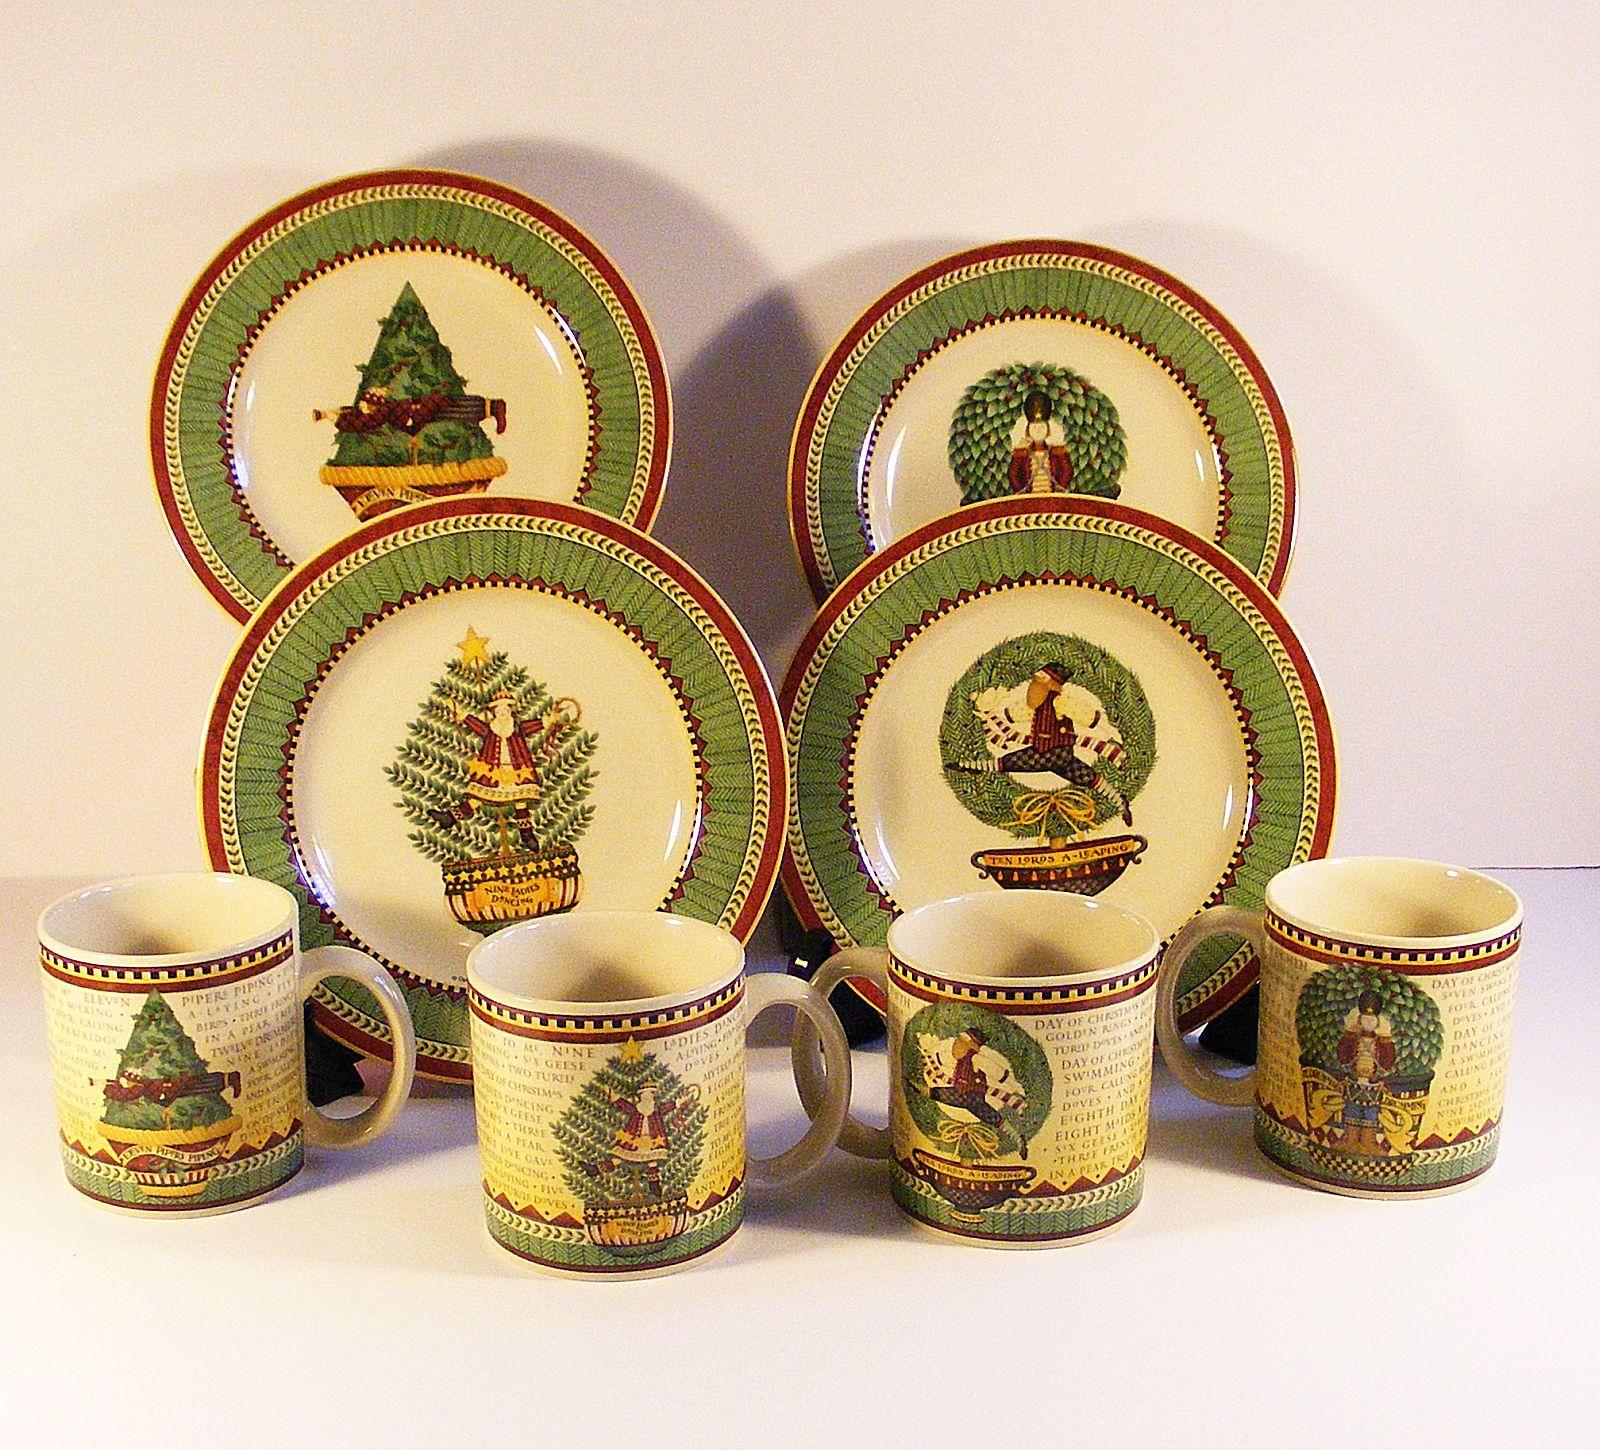 Debbie Mumm Sakura 12 Days Of Christmas Mugs \u0026 Dessert Plates 8 Pc Set  & Debbie Mumm Sakura 12 Days Of Christmas Mugs \u0026 Dessert Plates 8 Pc ...